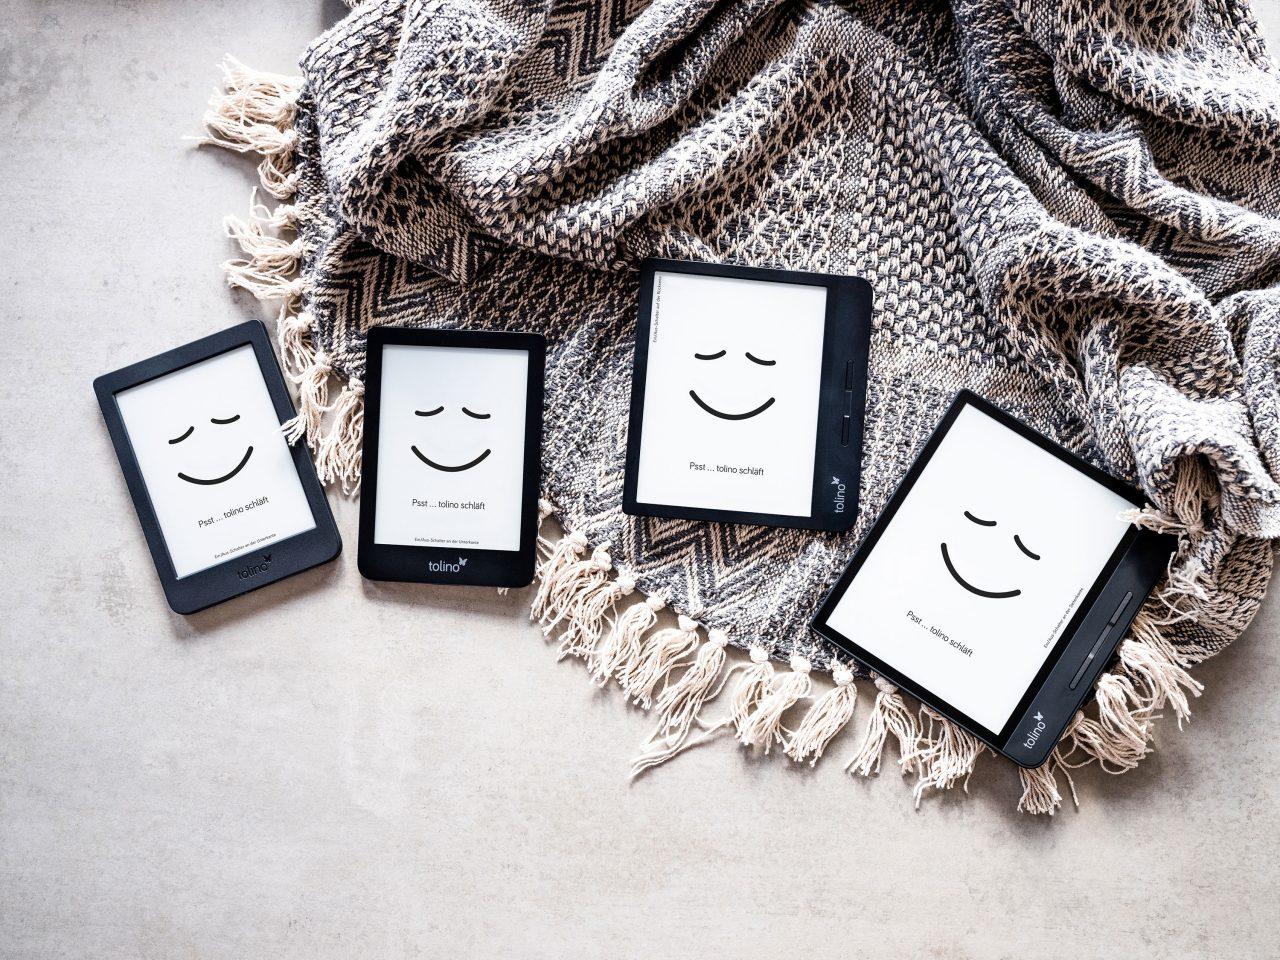 Tolino torna in pista con 4 nuovi ebook reader per tutti i gusti, ma guardandoli bene vi ricordano qualcosa? (foto)